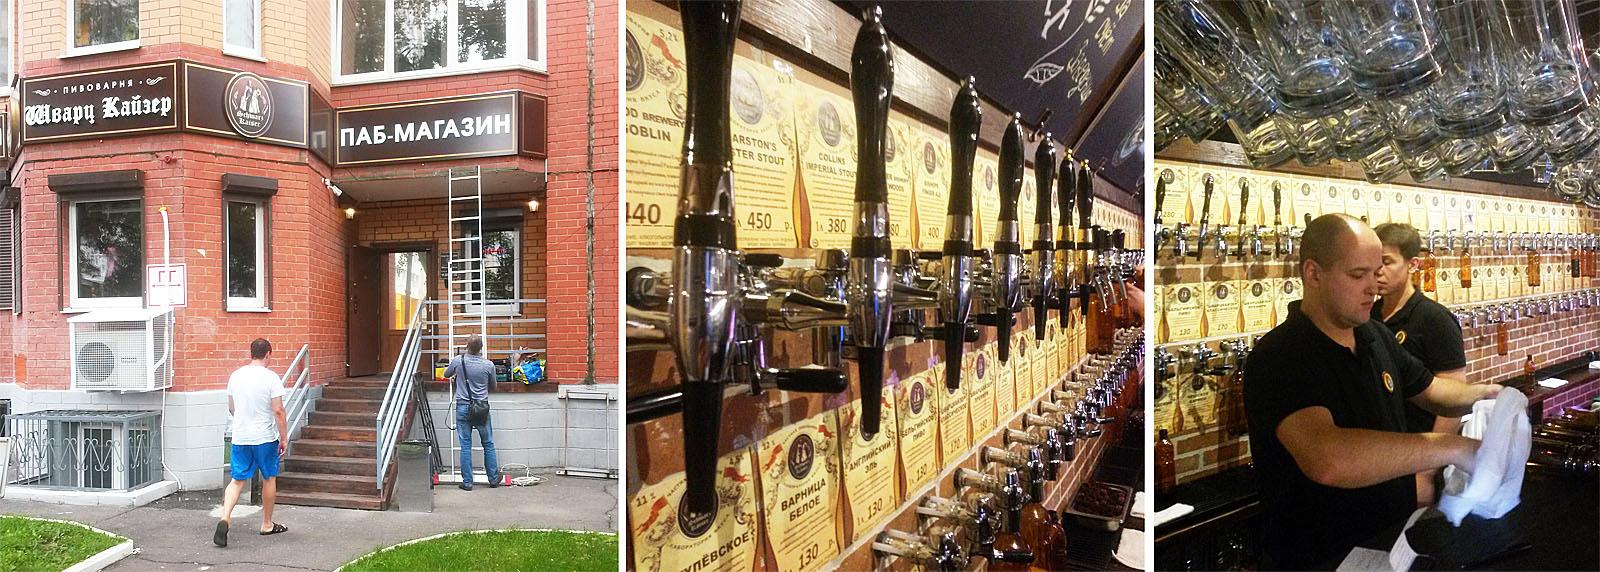 Более 60 сортов разливных напитков.